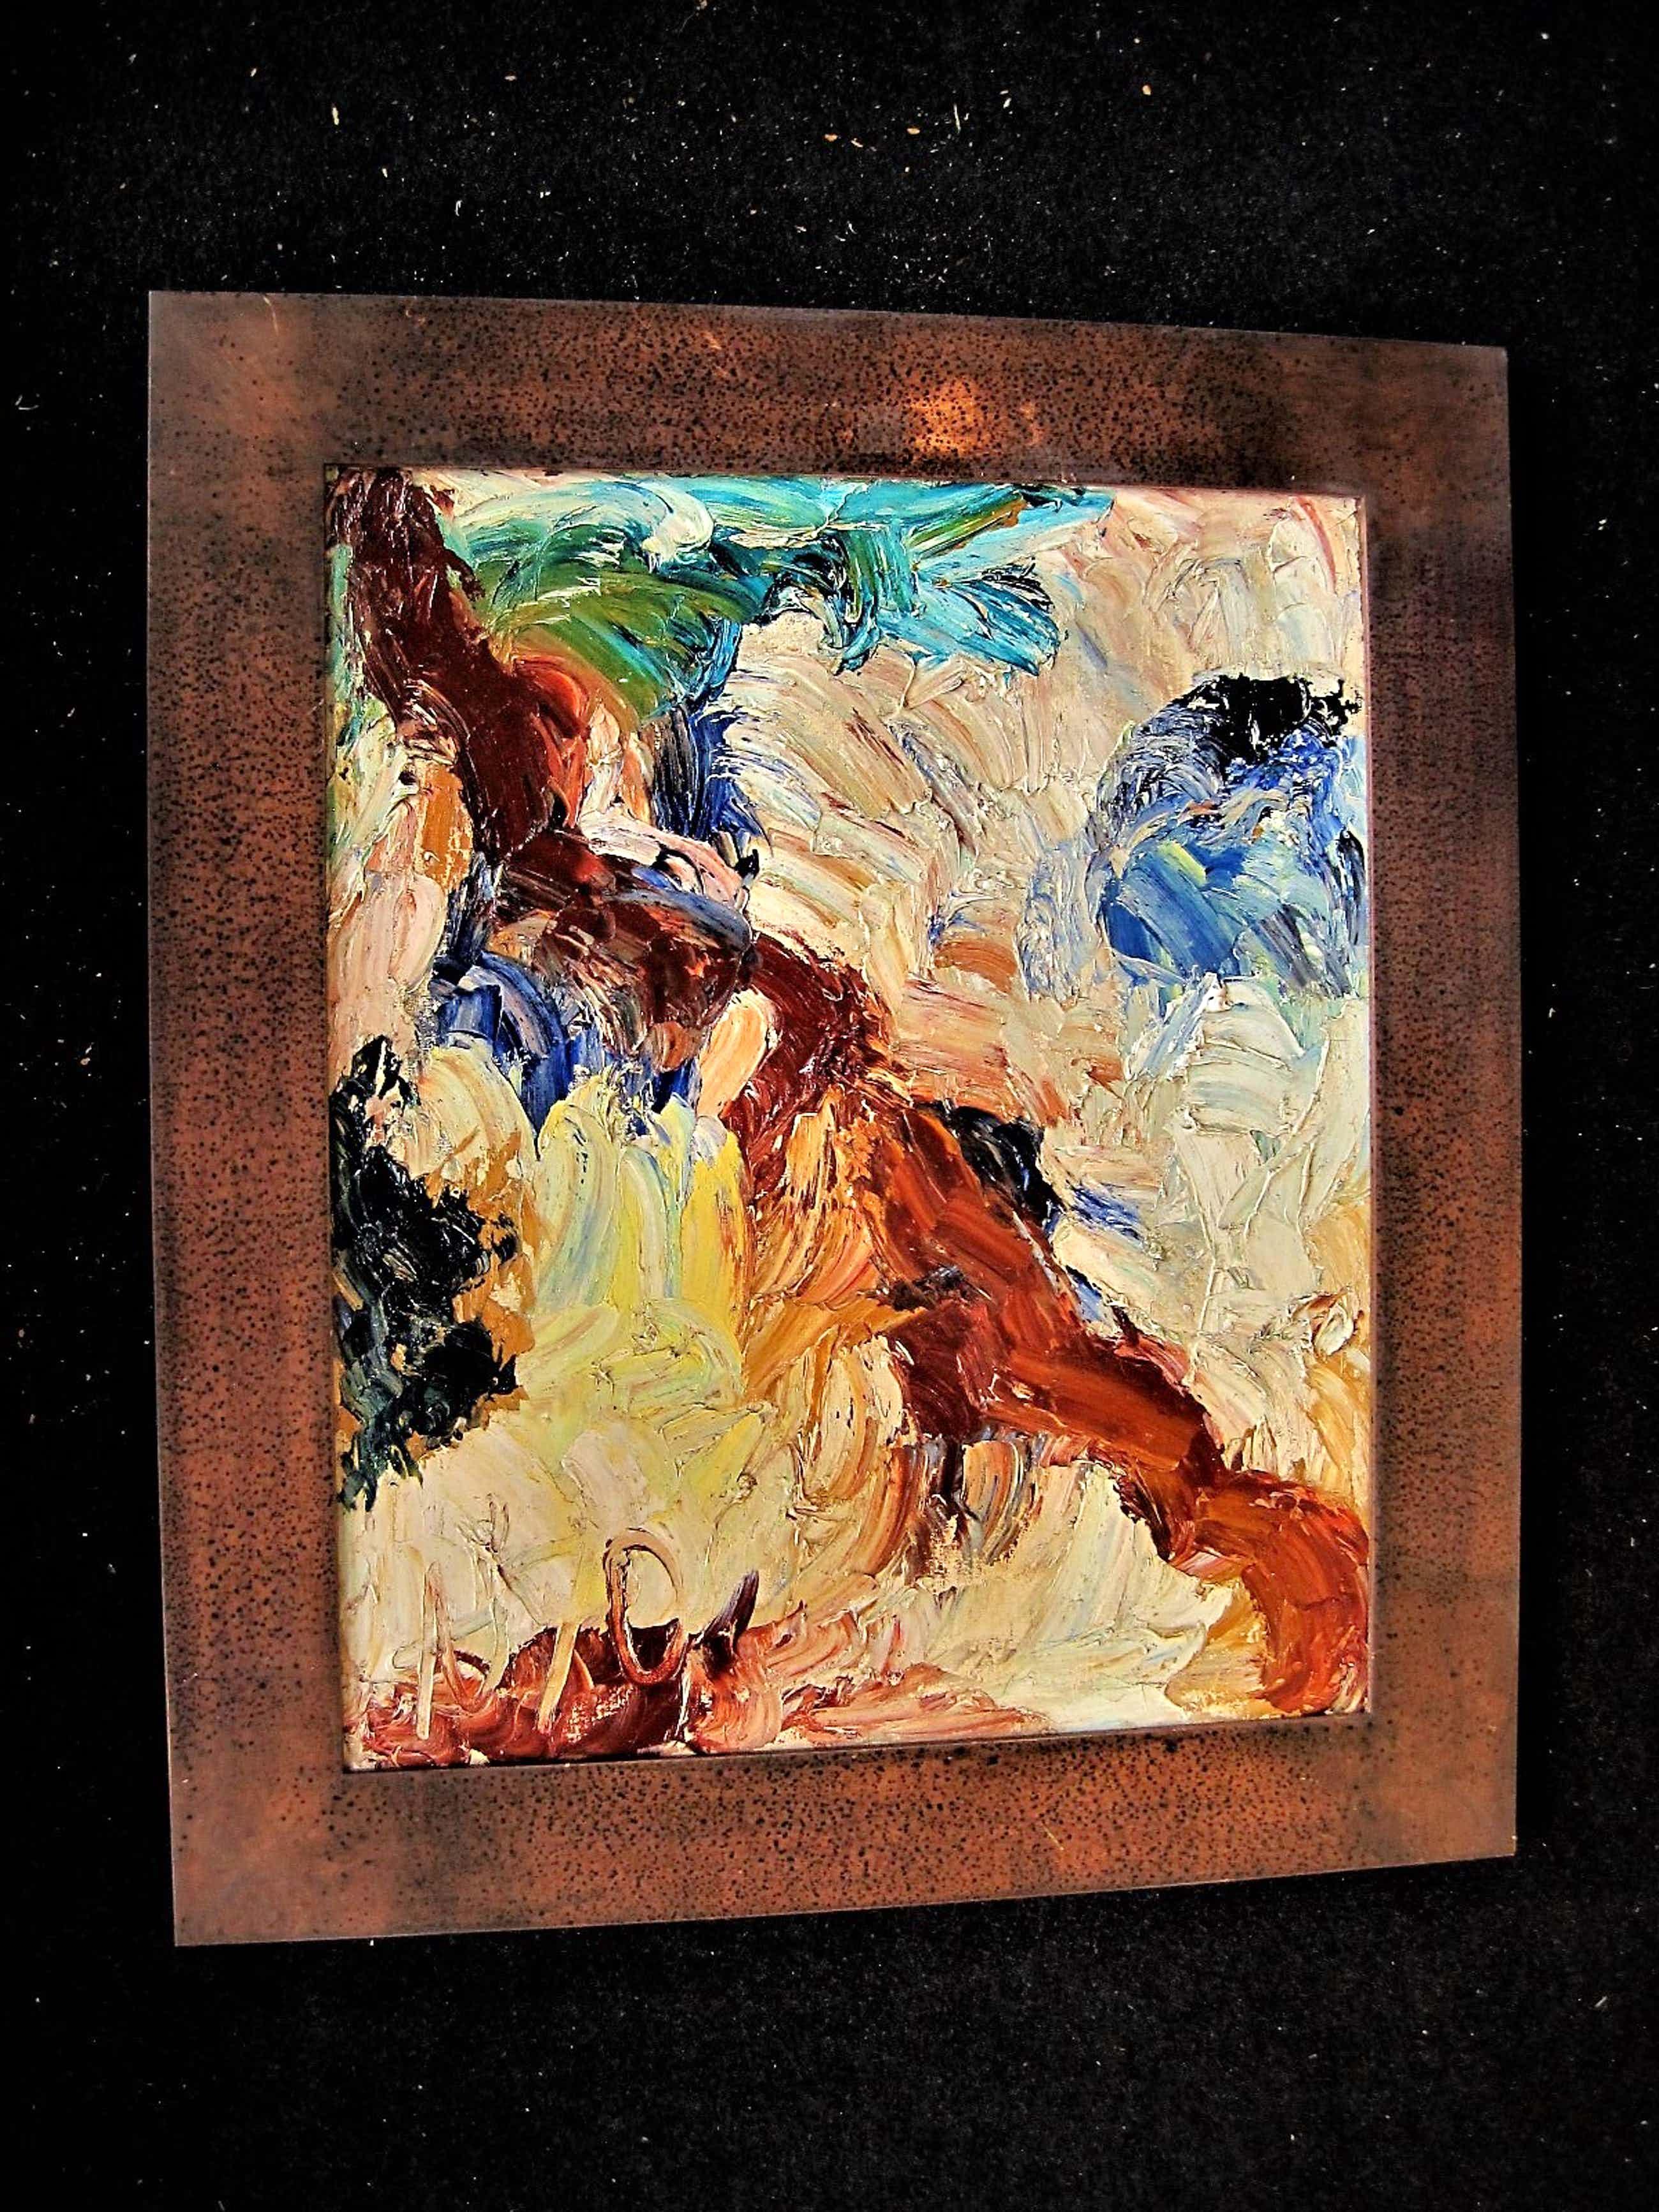 Arie van Selm - Internationaal gevierd Kunstenaar - pasteus geschilderd olieverf - 1970 kopen? Bied vanaf 200!